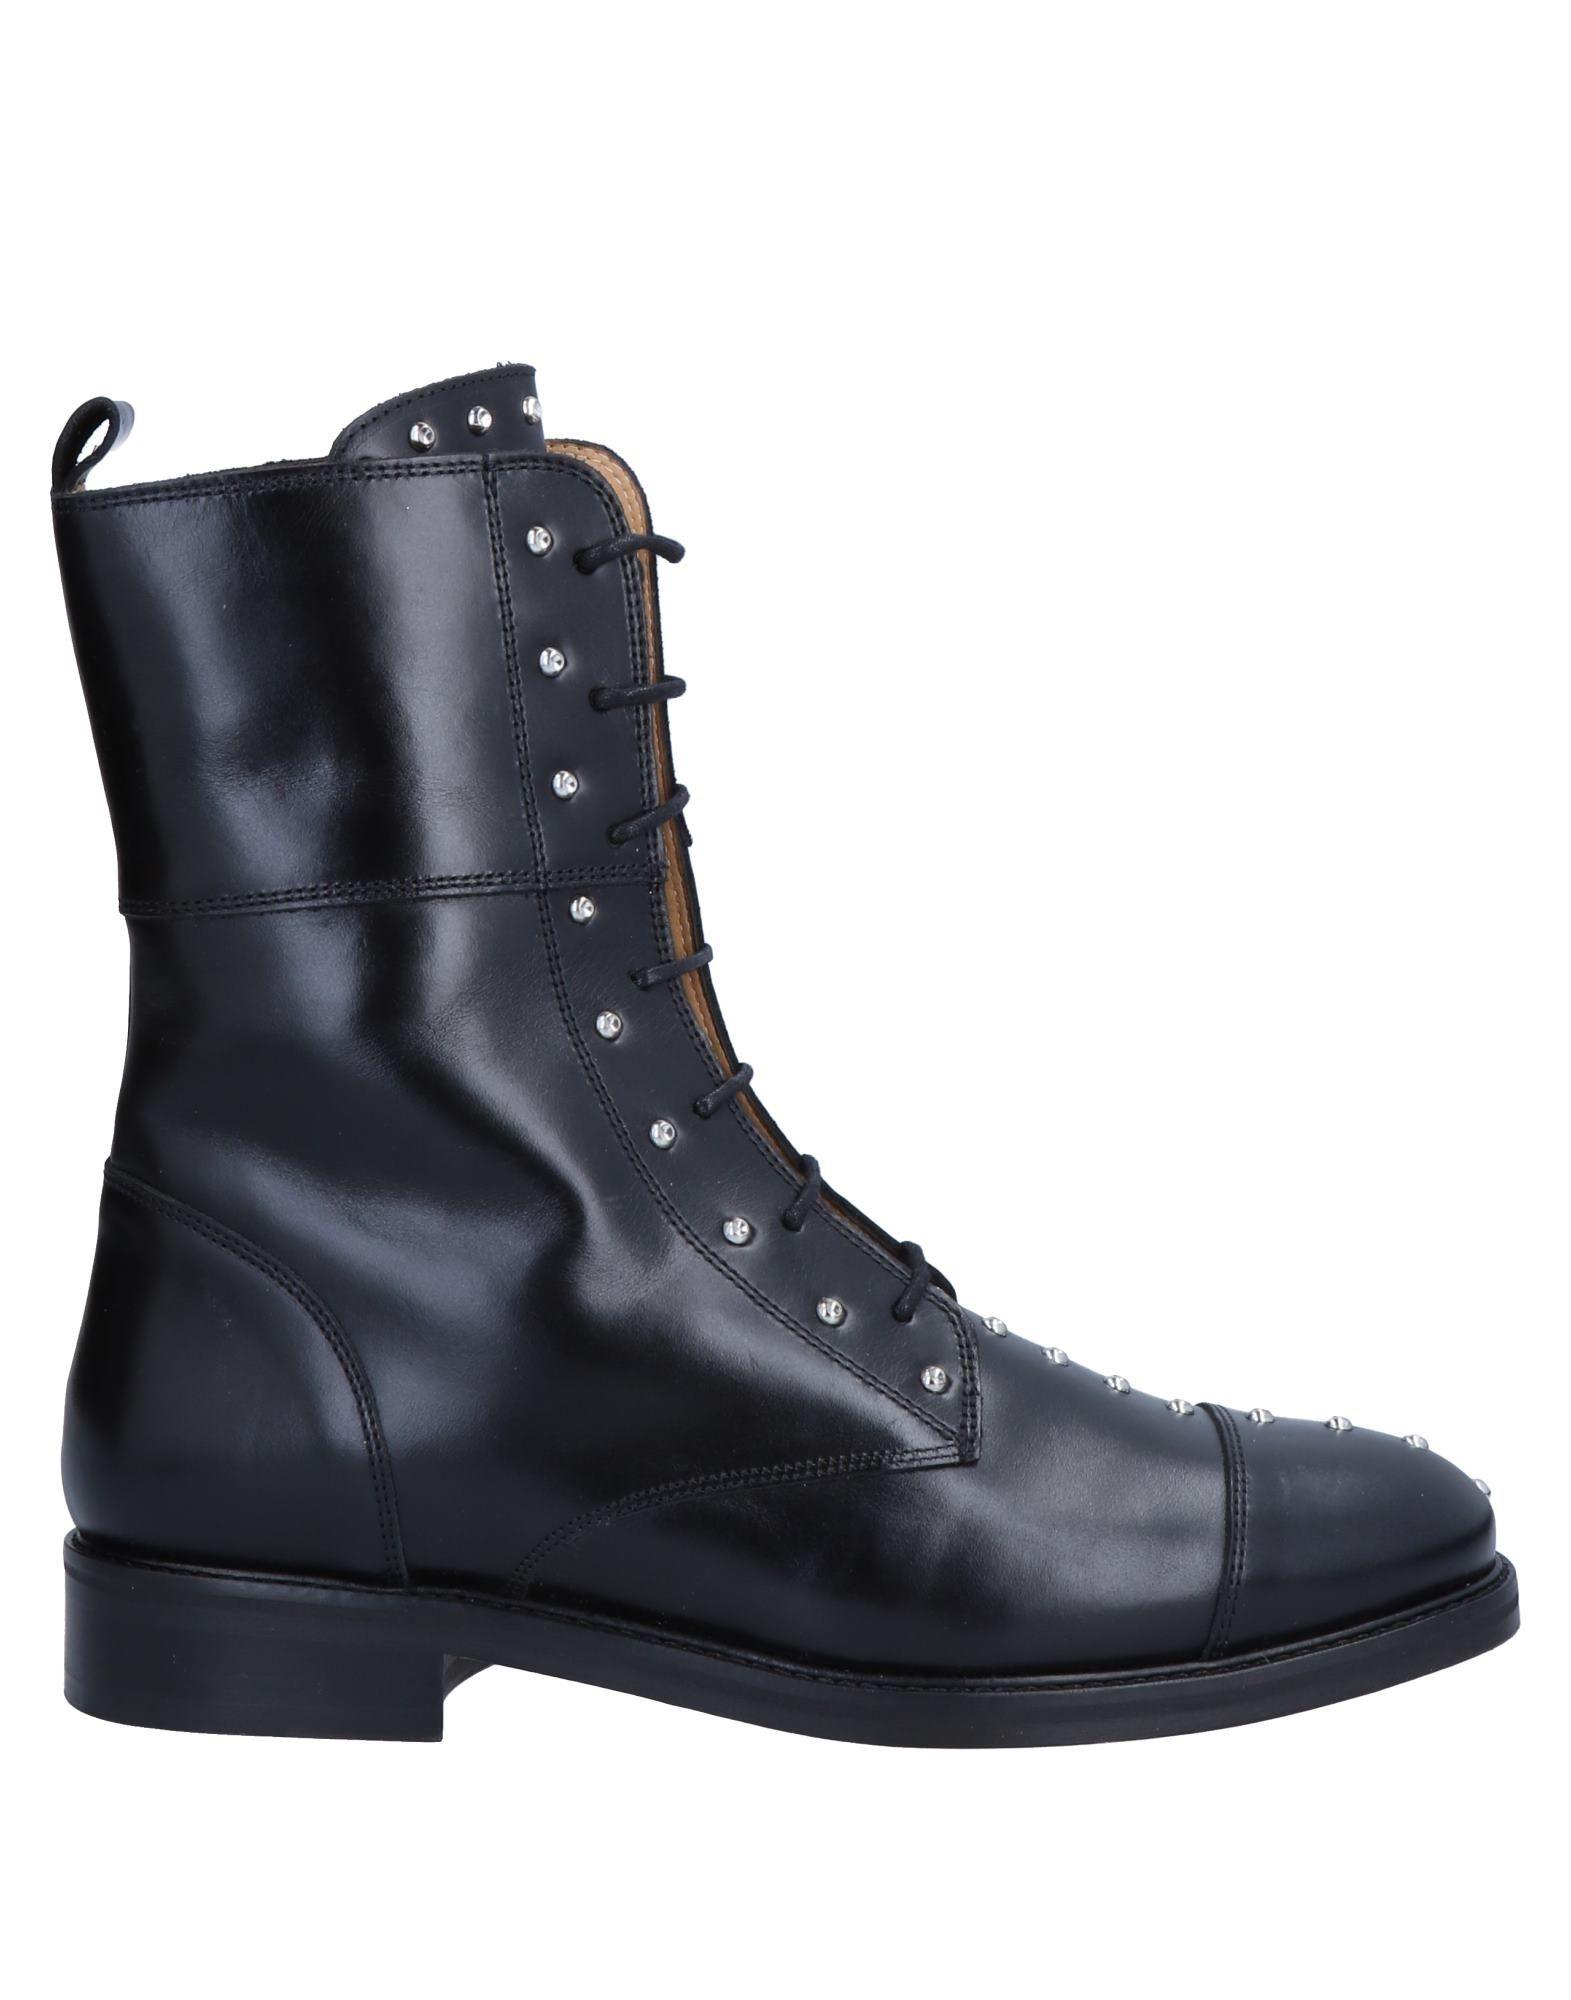 《送料無料》IRO レディース ショートブーツ ブラック 36 革